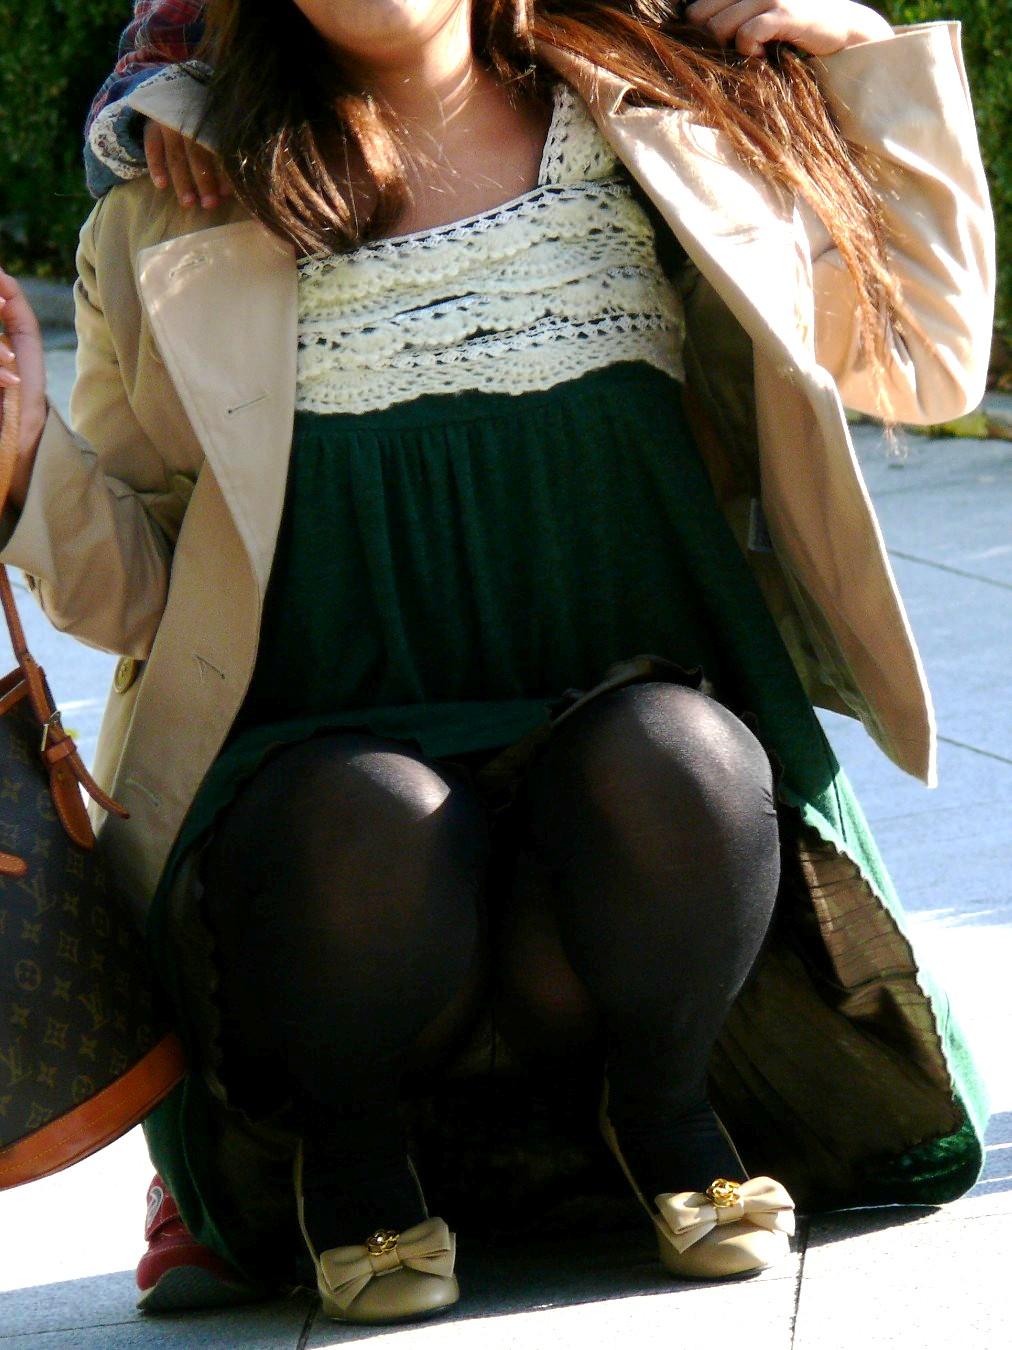 【透けパン画像】履いてる程度で安心できないwwwレギンス素人のイヤらしい透けパン姿 09